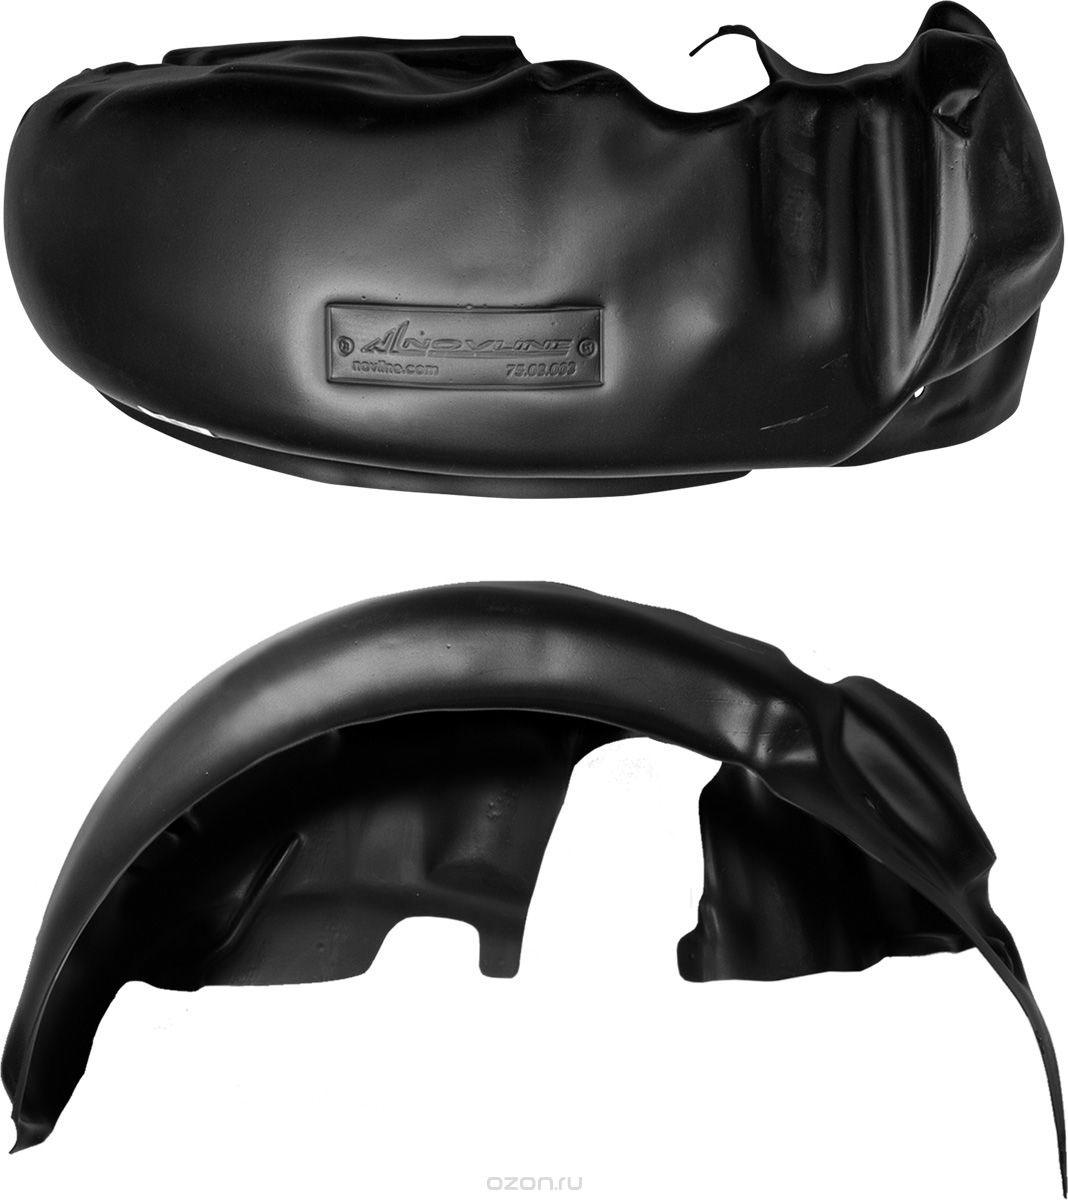 Подкрылок Novline-Autofamily, для Toyota Corolla, 2013->, задний левыйNLL.48.57.003Идеальная защита колесной ниши. Локеры разработаны с применением цифровых технологий, гарантируют максимальную повторяемость поверхности арки. Изделия устанавливаются без нарушения лакокрасочного покрытия автомобиля, каждый подкрылок комплектуется крепежом. Уважаемые клиенты, обращаем ваше внимание, что фотографии на подкрылки универсальные и не отражают реальную форму изделия. При этом само изделие идет точно под размер указанного автомобиля.